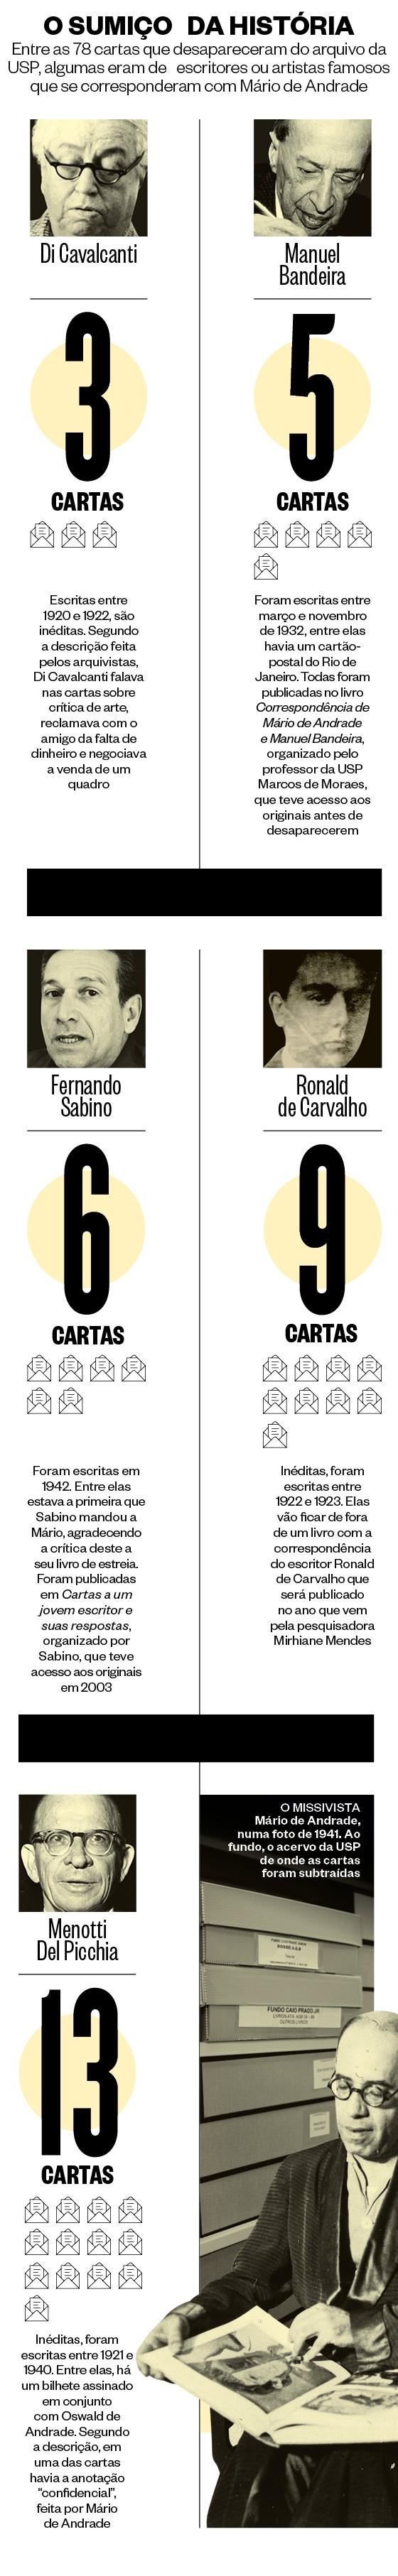 Arte Mario de Andrade (Foto: Folhapress (2),Estadão Conteudo (2), Arquivo/Agência O Globo e reprodução)